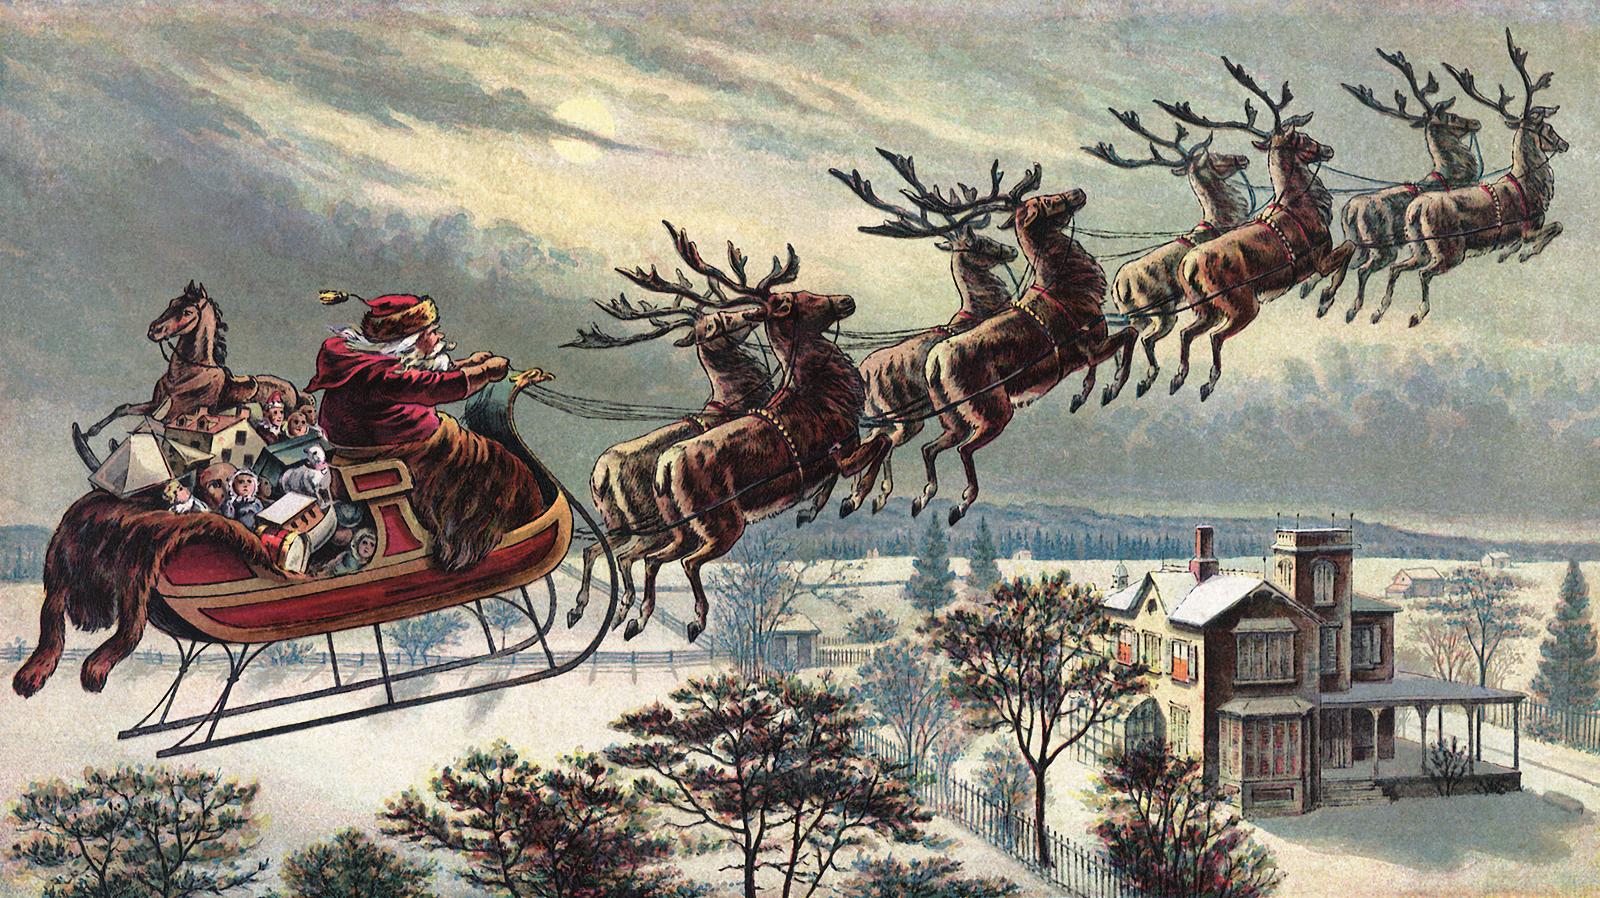 Santas Reindeer Names Santa claus' reindeer